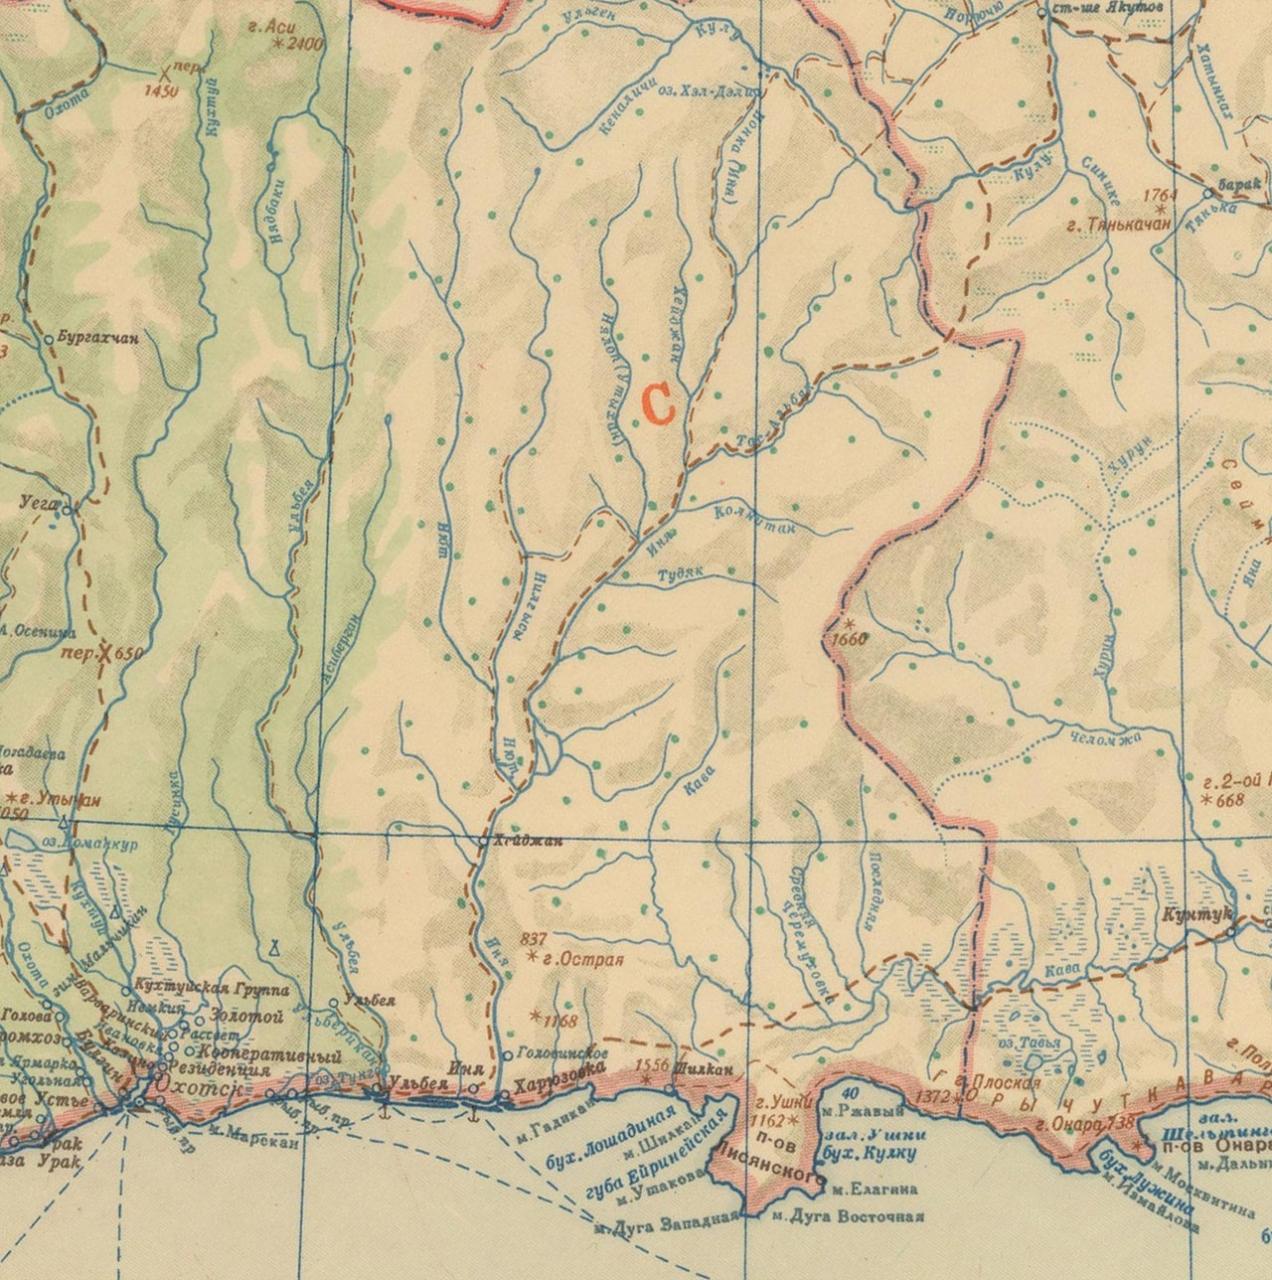 Карта побережья Охотского моря. Район Охотска. 1946 год.